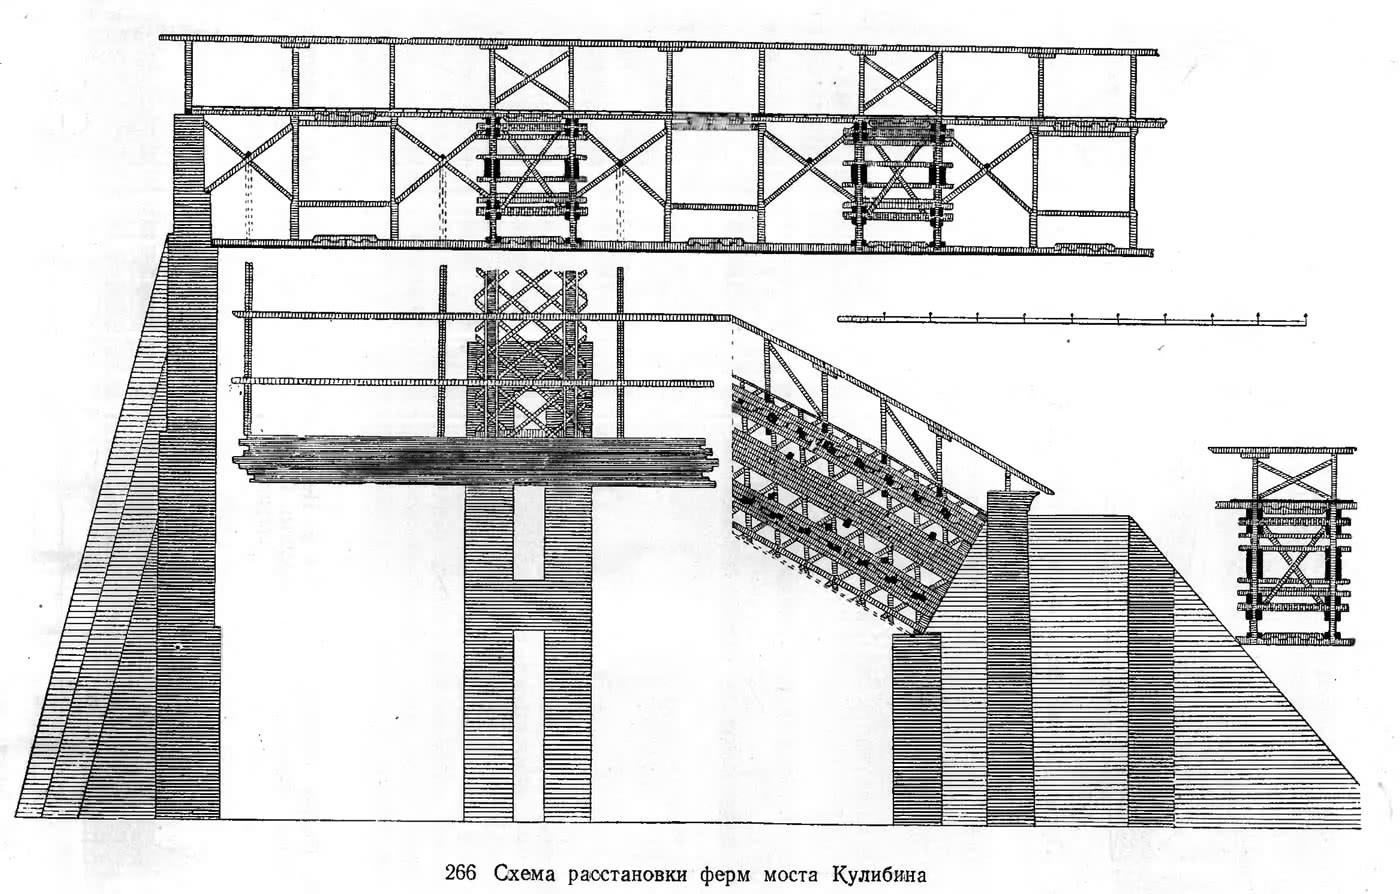 266. Схема расстановки ферм моста Кулибина